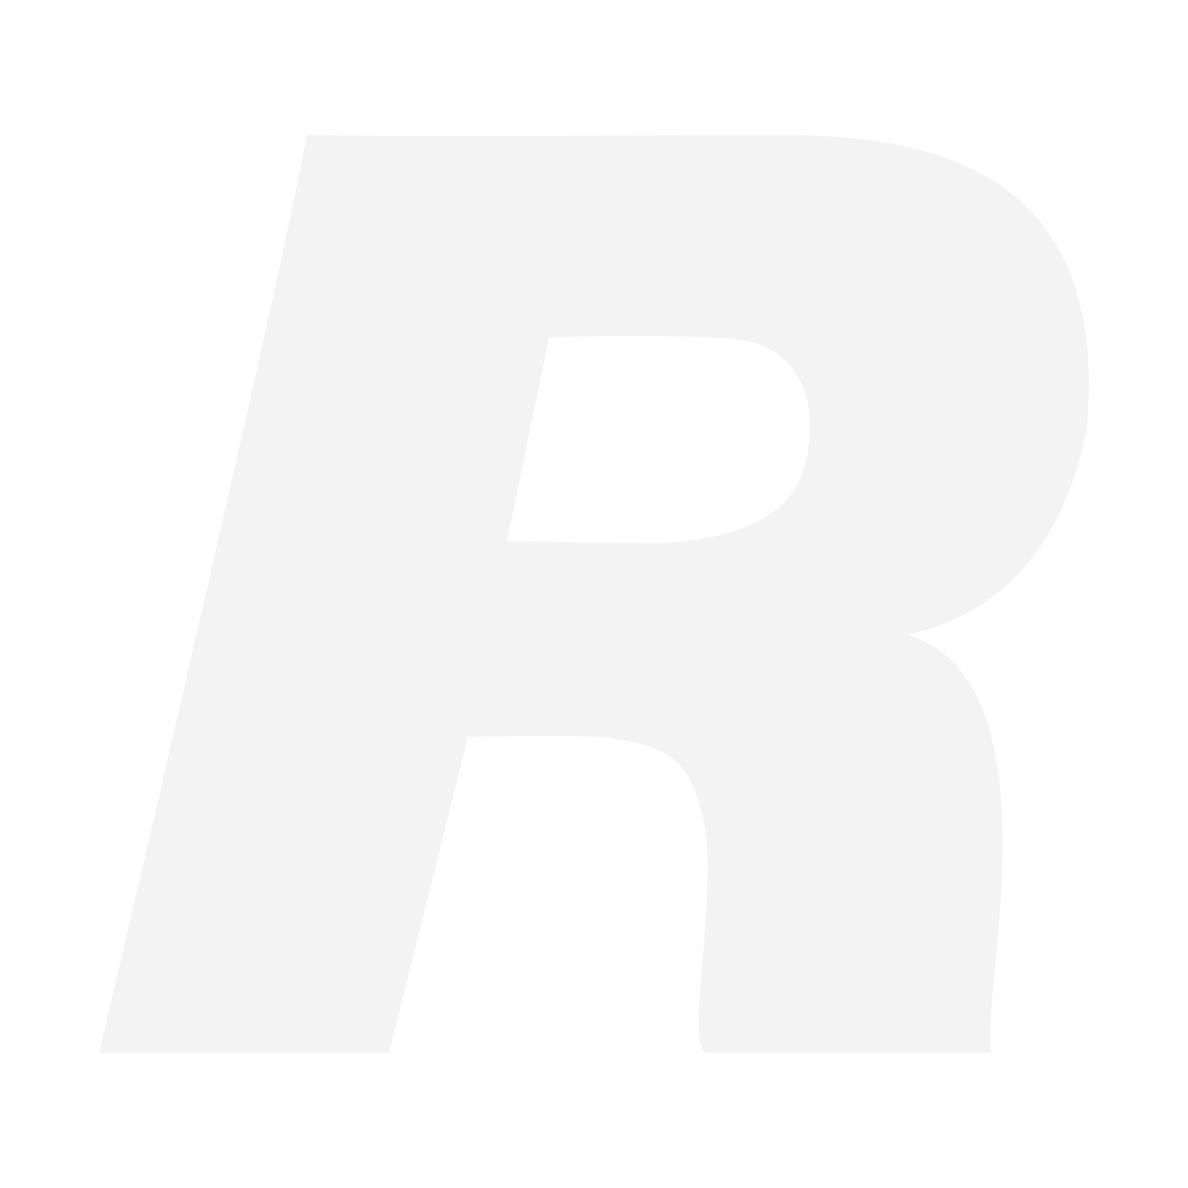 PANASONIC DMW-YAGHE LIITÄNTÄYKSIKKÖ (GH4) KÄYTETTY